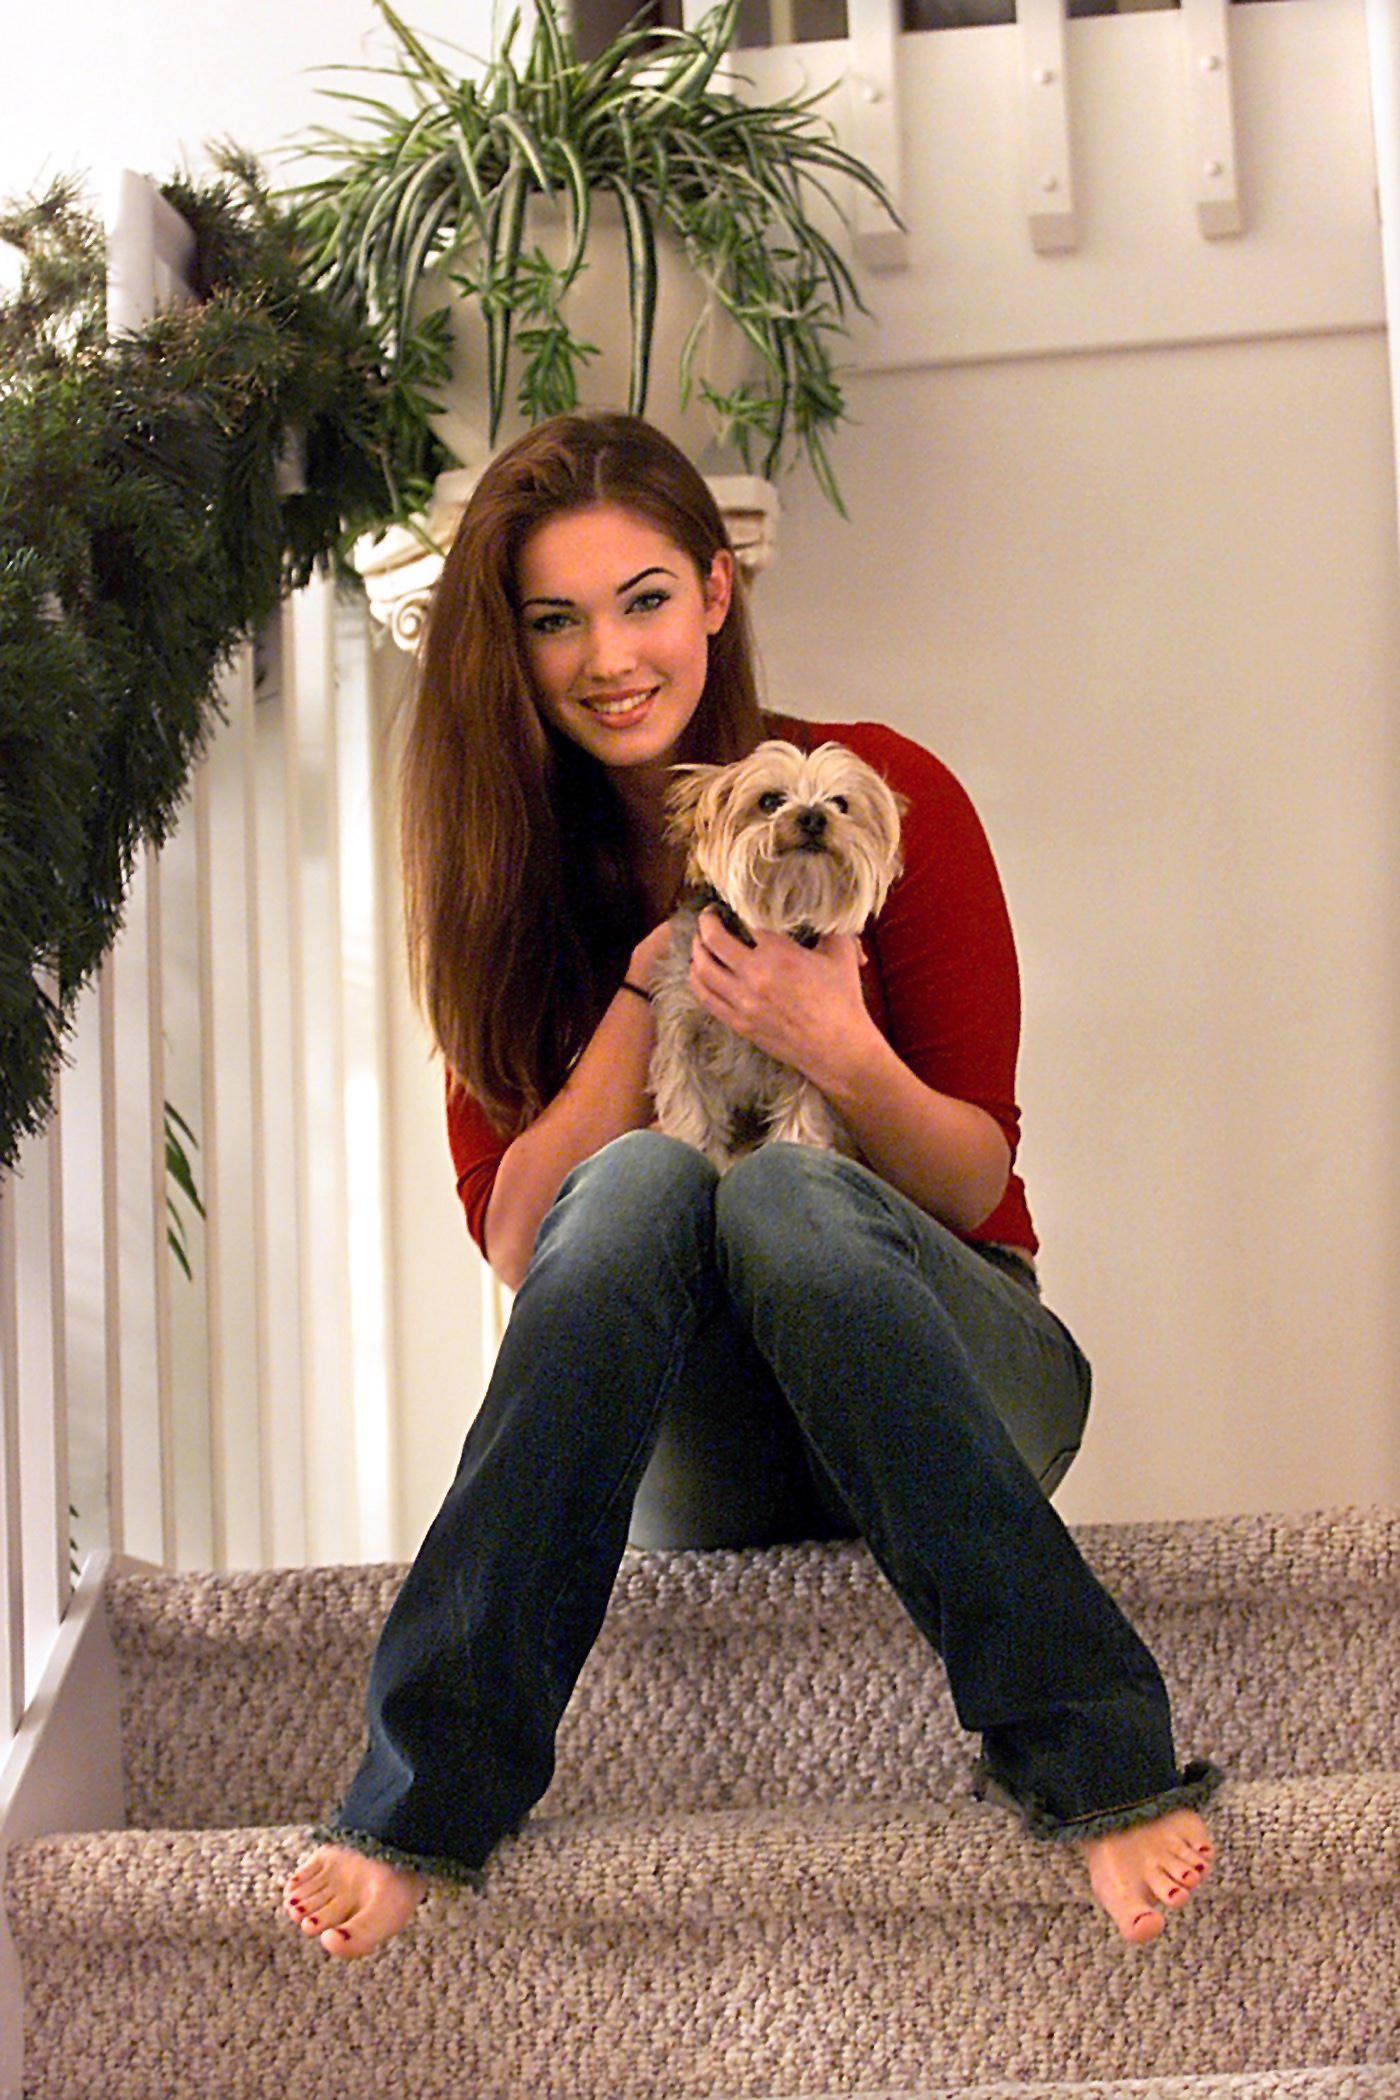 https://pics.wikifeet.com/Megan-Fox-Feet-30182.jpg